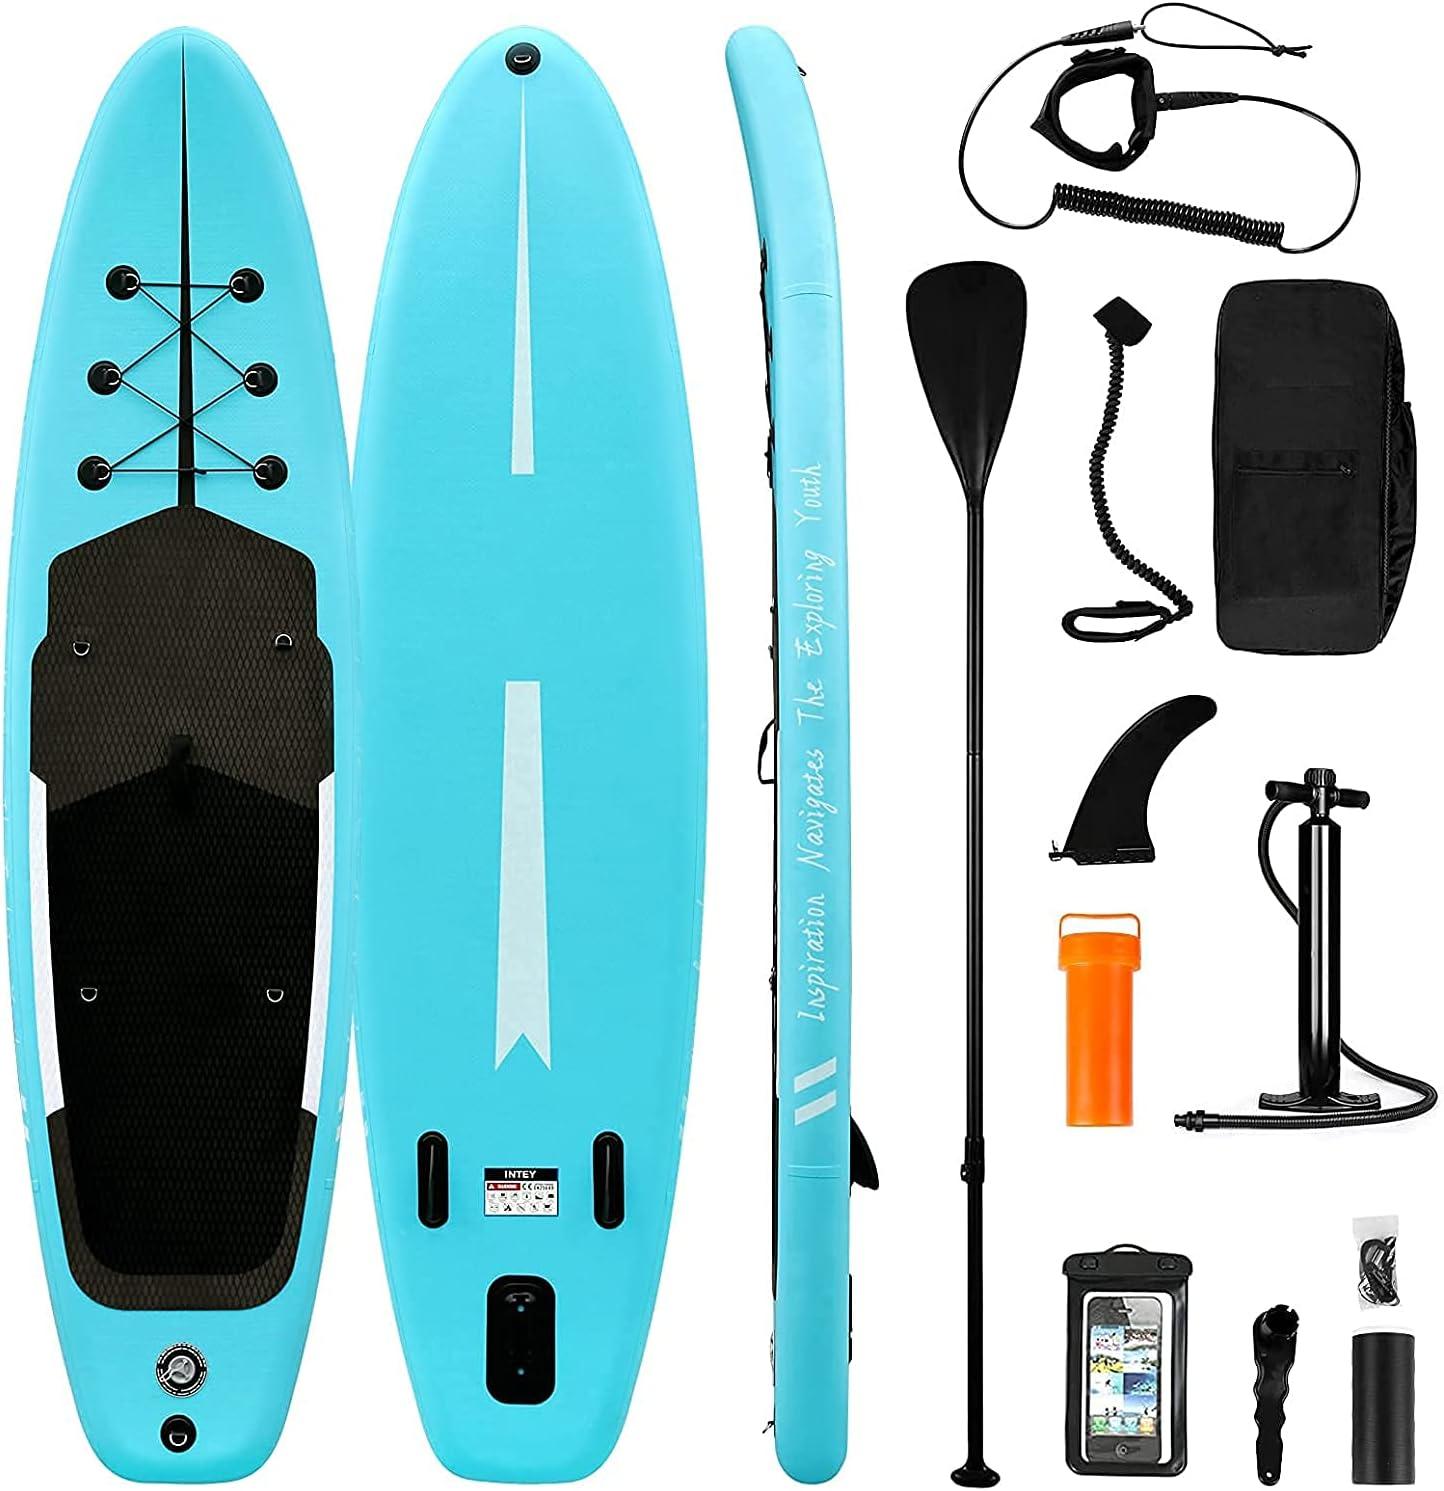 Tabla de Paddle Surf Hinchable Sup Inflatable Stand up Paddle Board PVC con Bomba de Doble, Remo Ajustable, Caja de reparación, alerón, Bolsa de Transporte